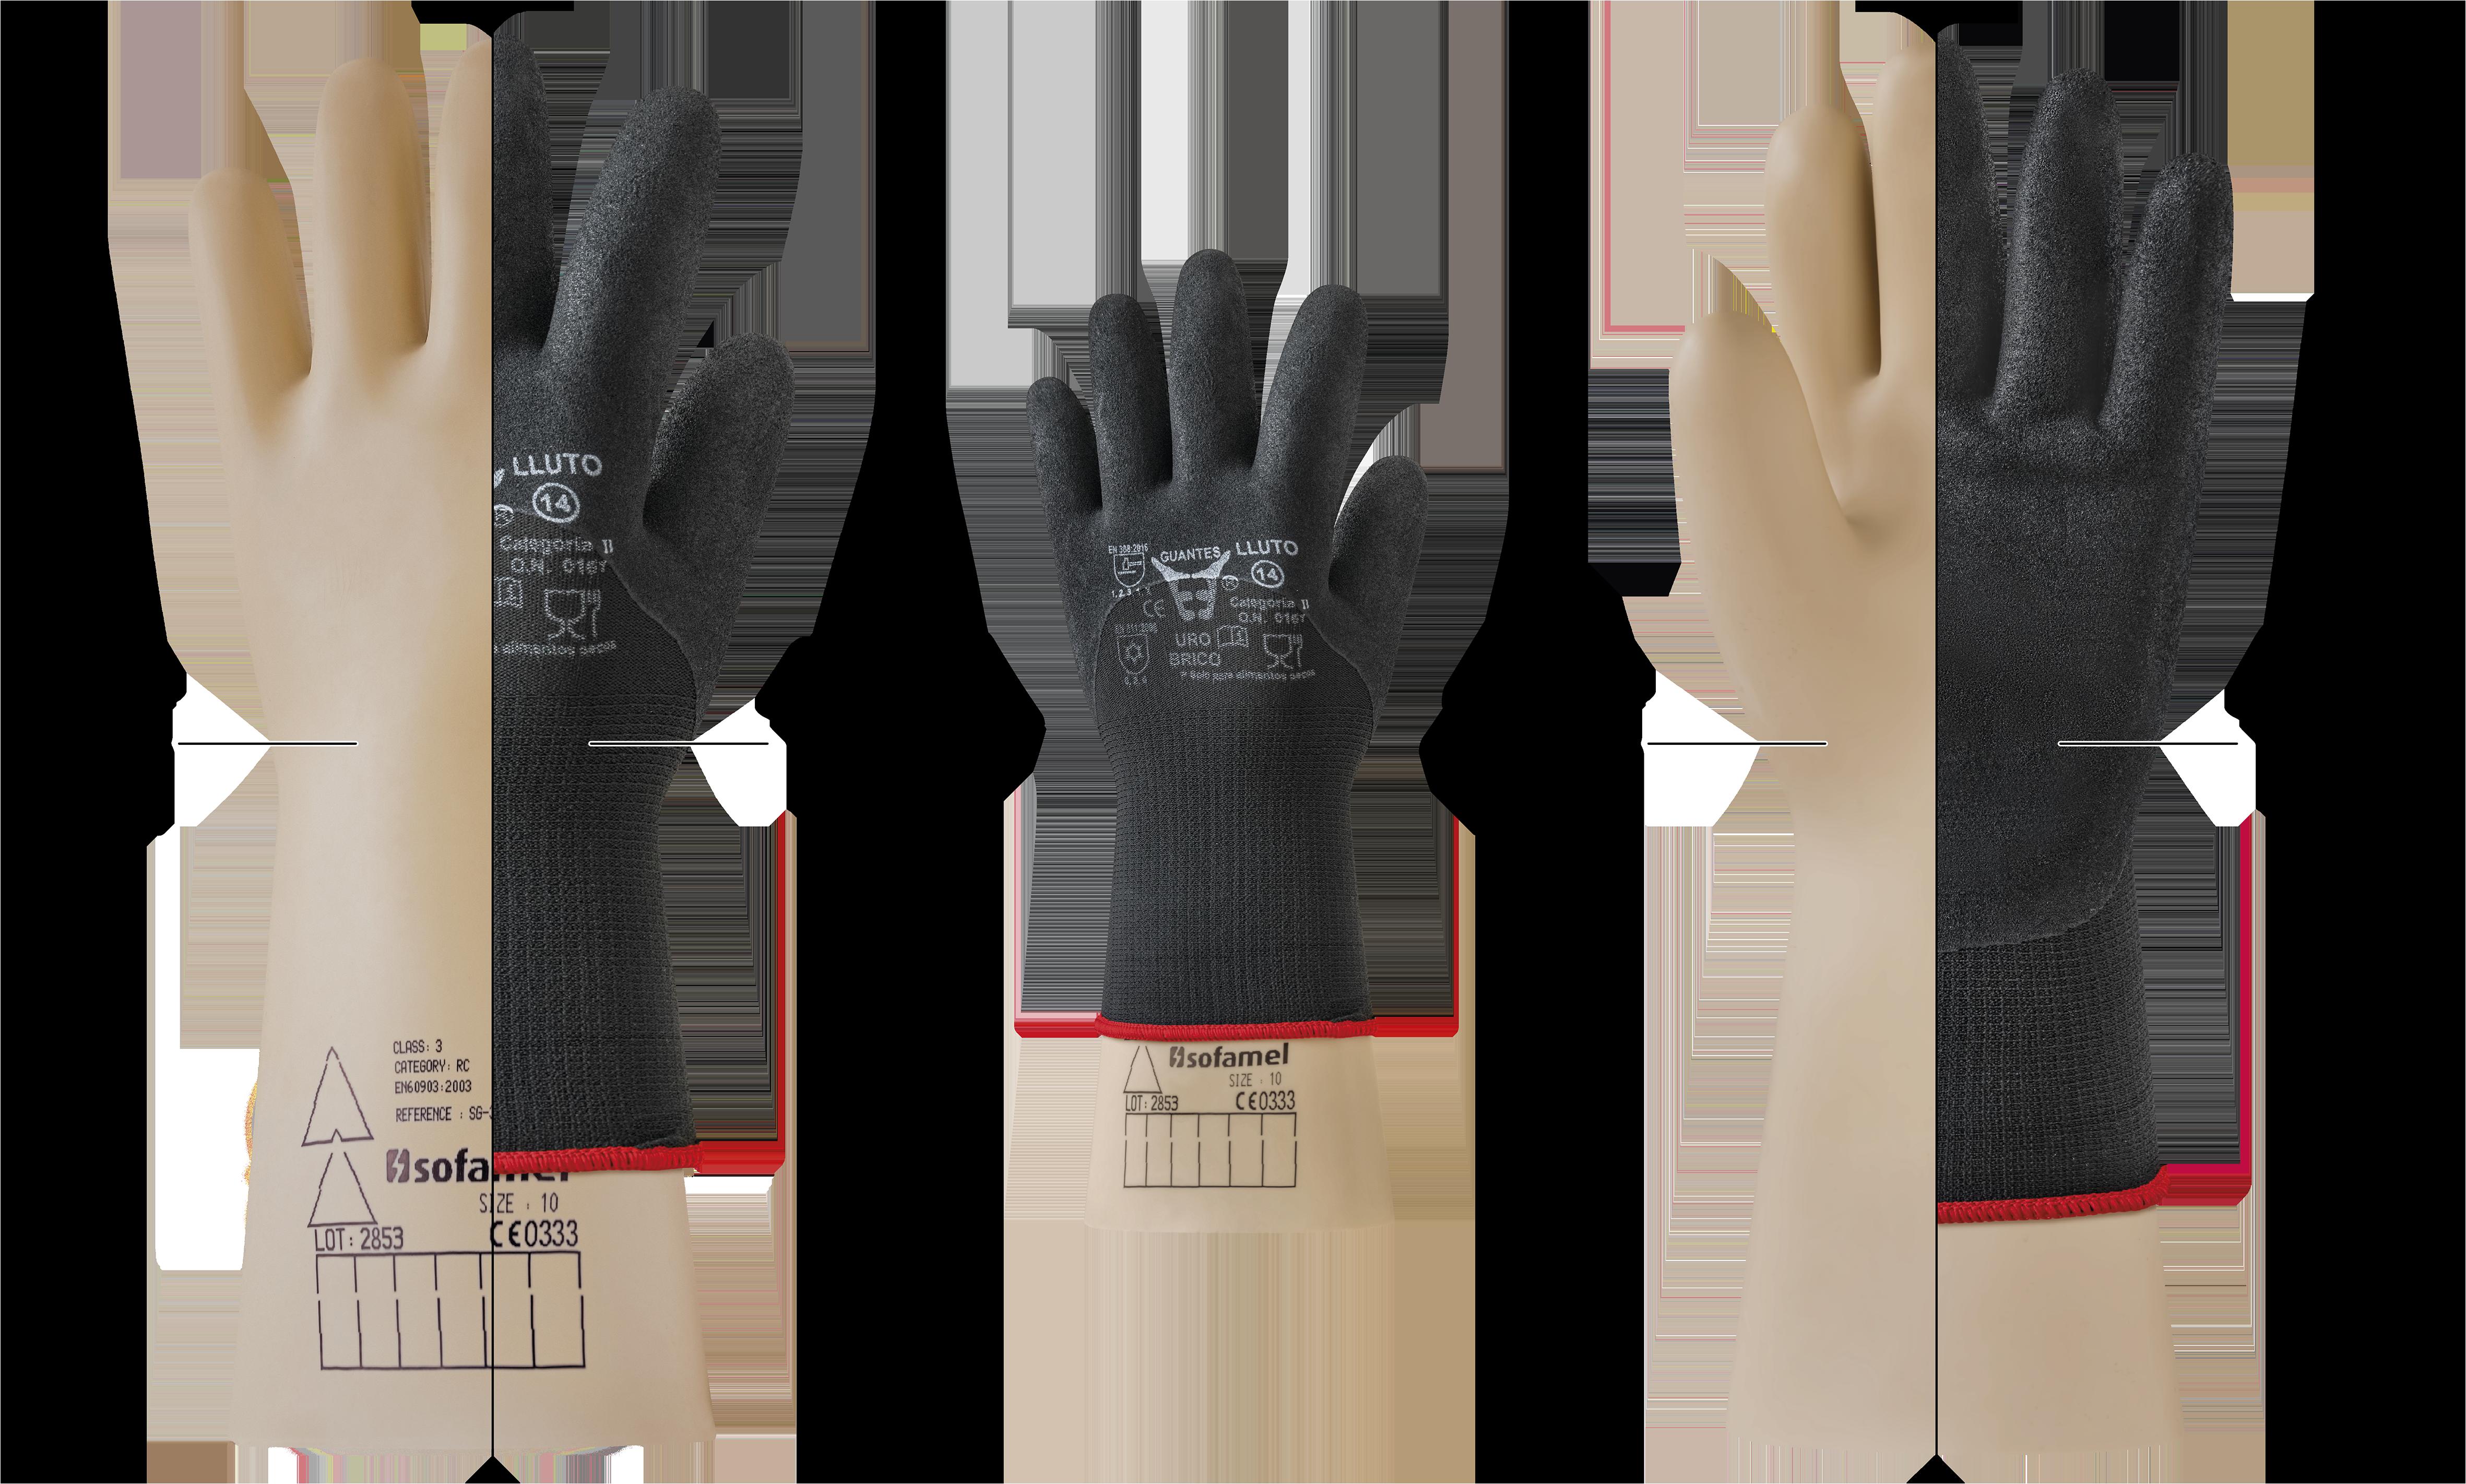 guantes uro lluto